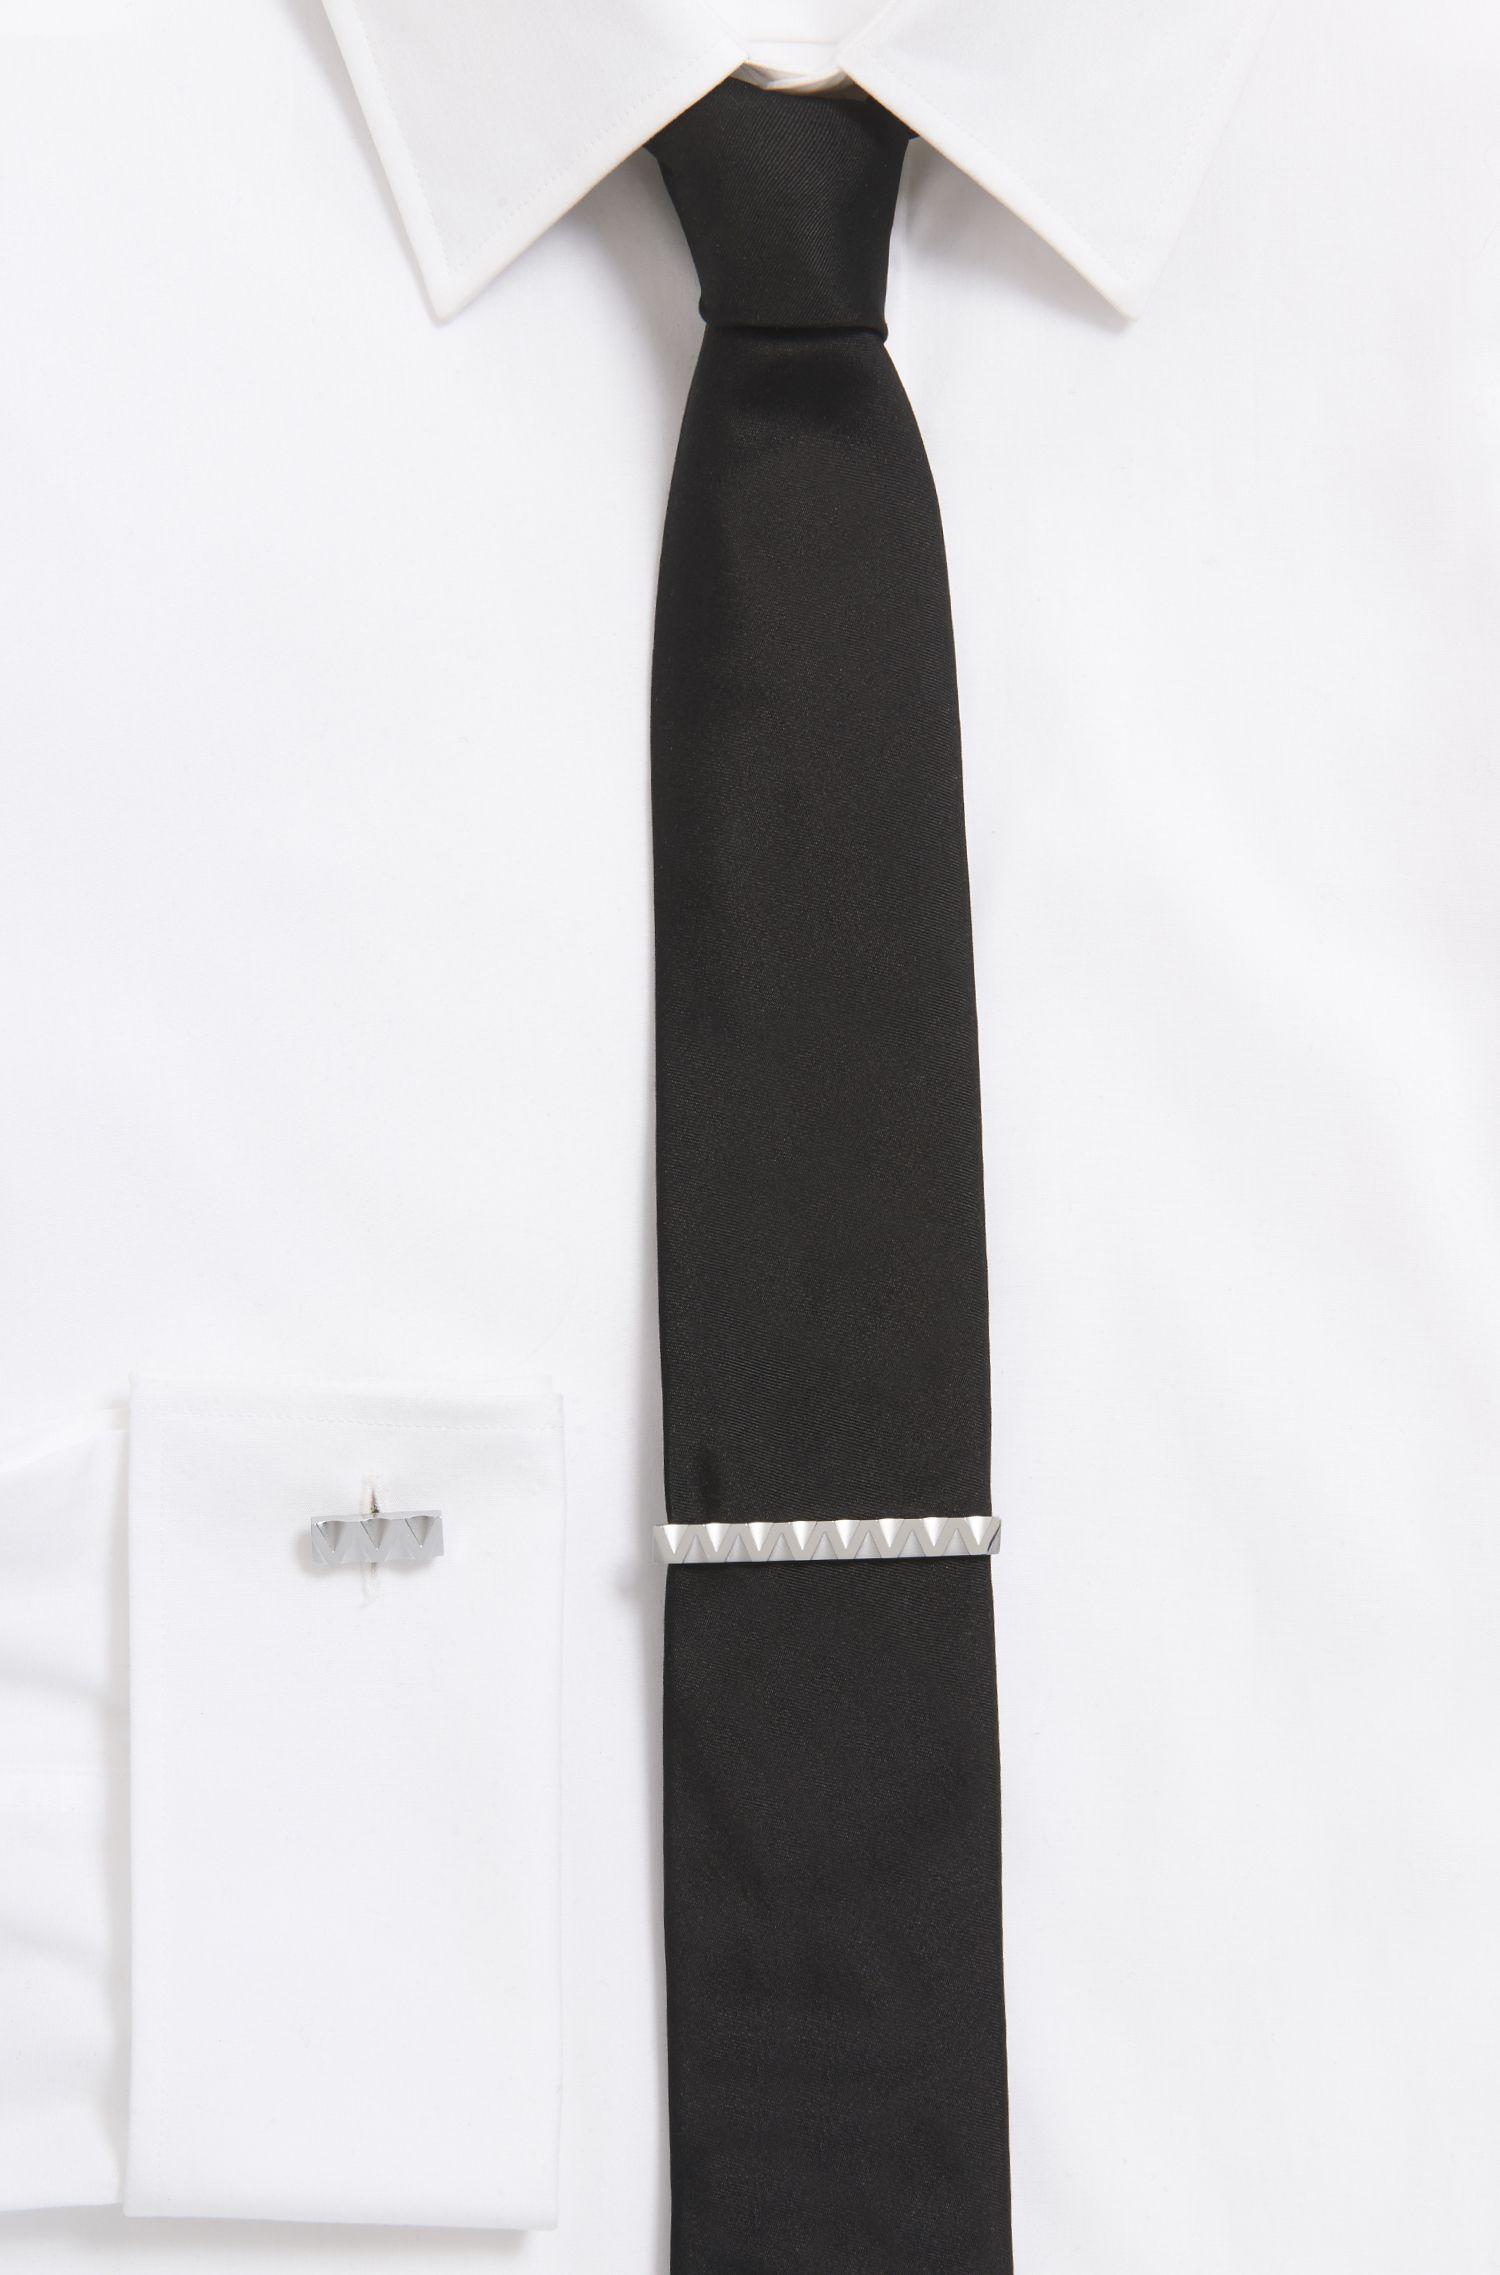 Krawattennadel aus Messing mit dreidimensionalem Zickzack-Design, Silber